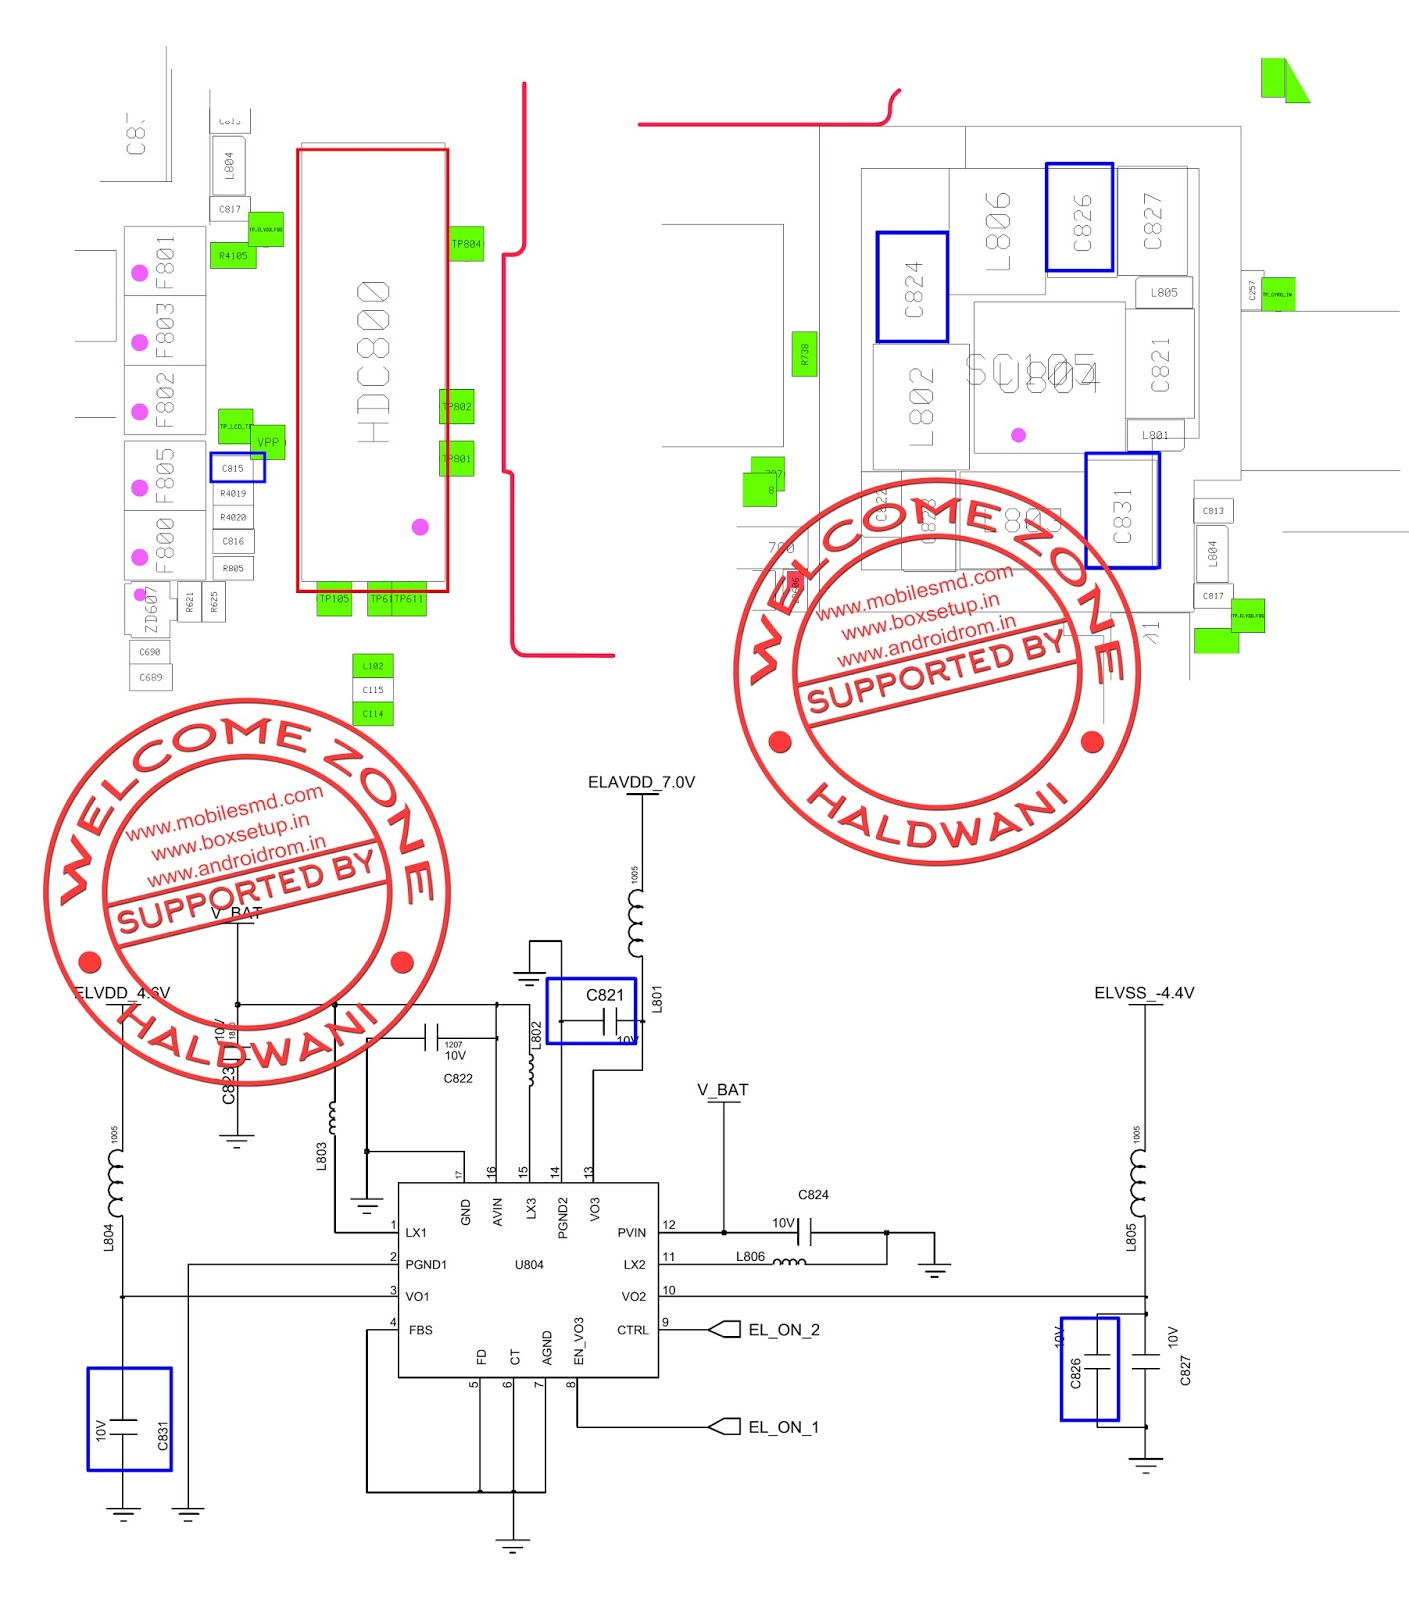 galaxy note 3 block diagram automotive wiring diagram library u2022 rh seigokanengland co uk